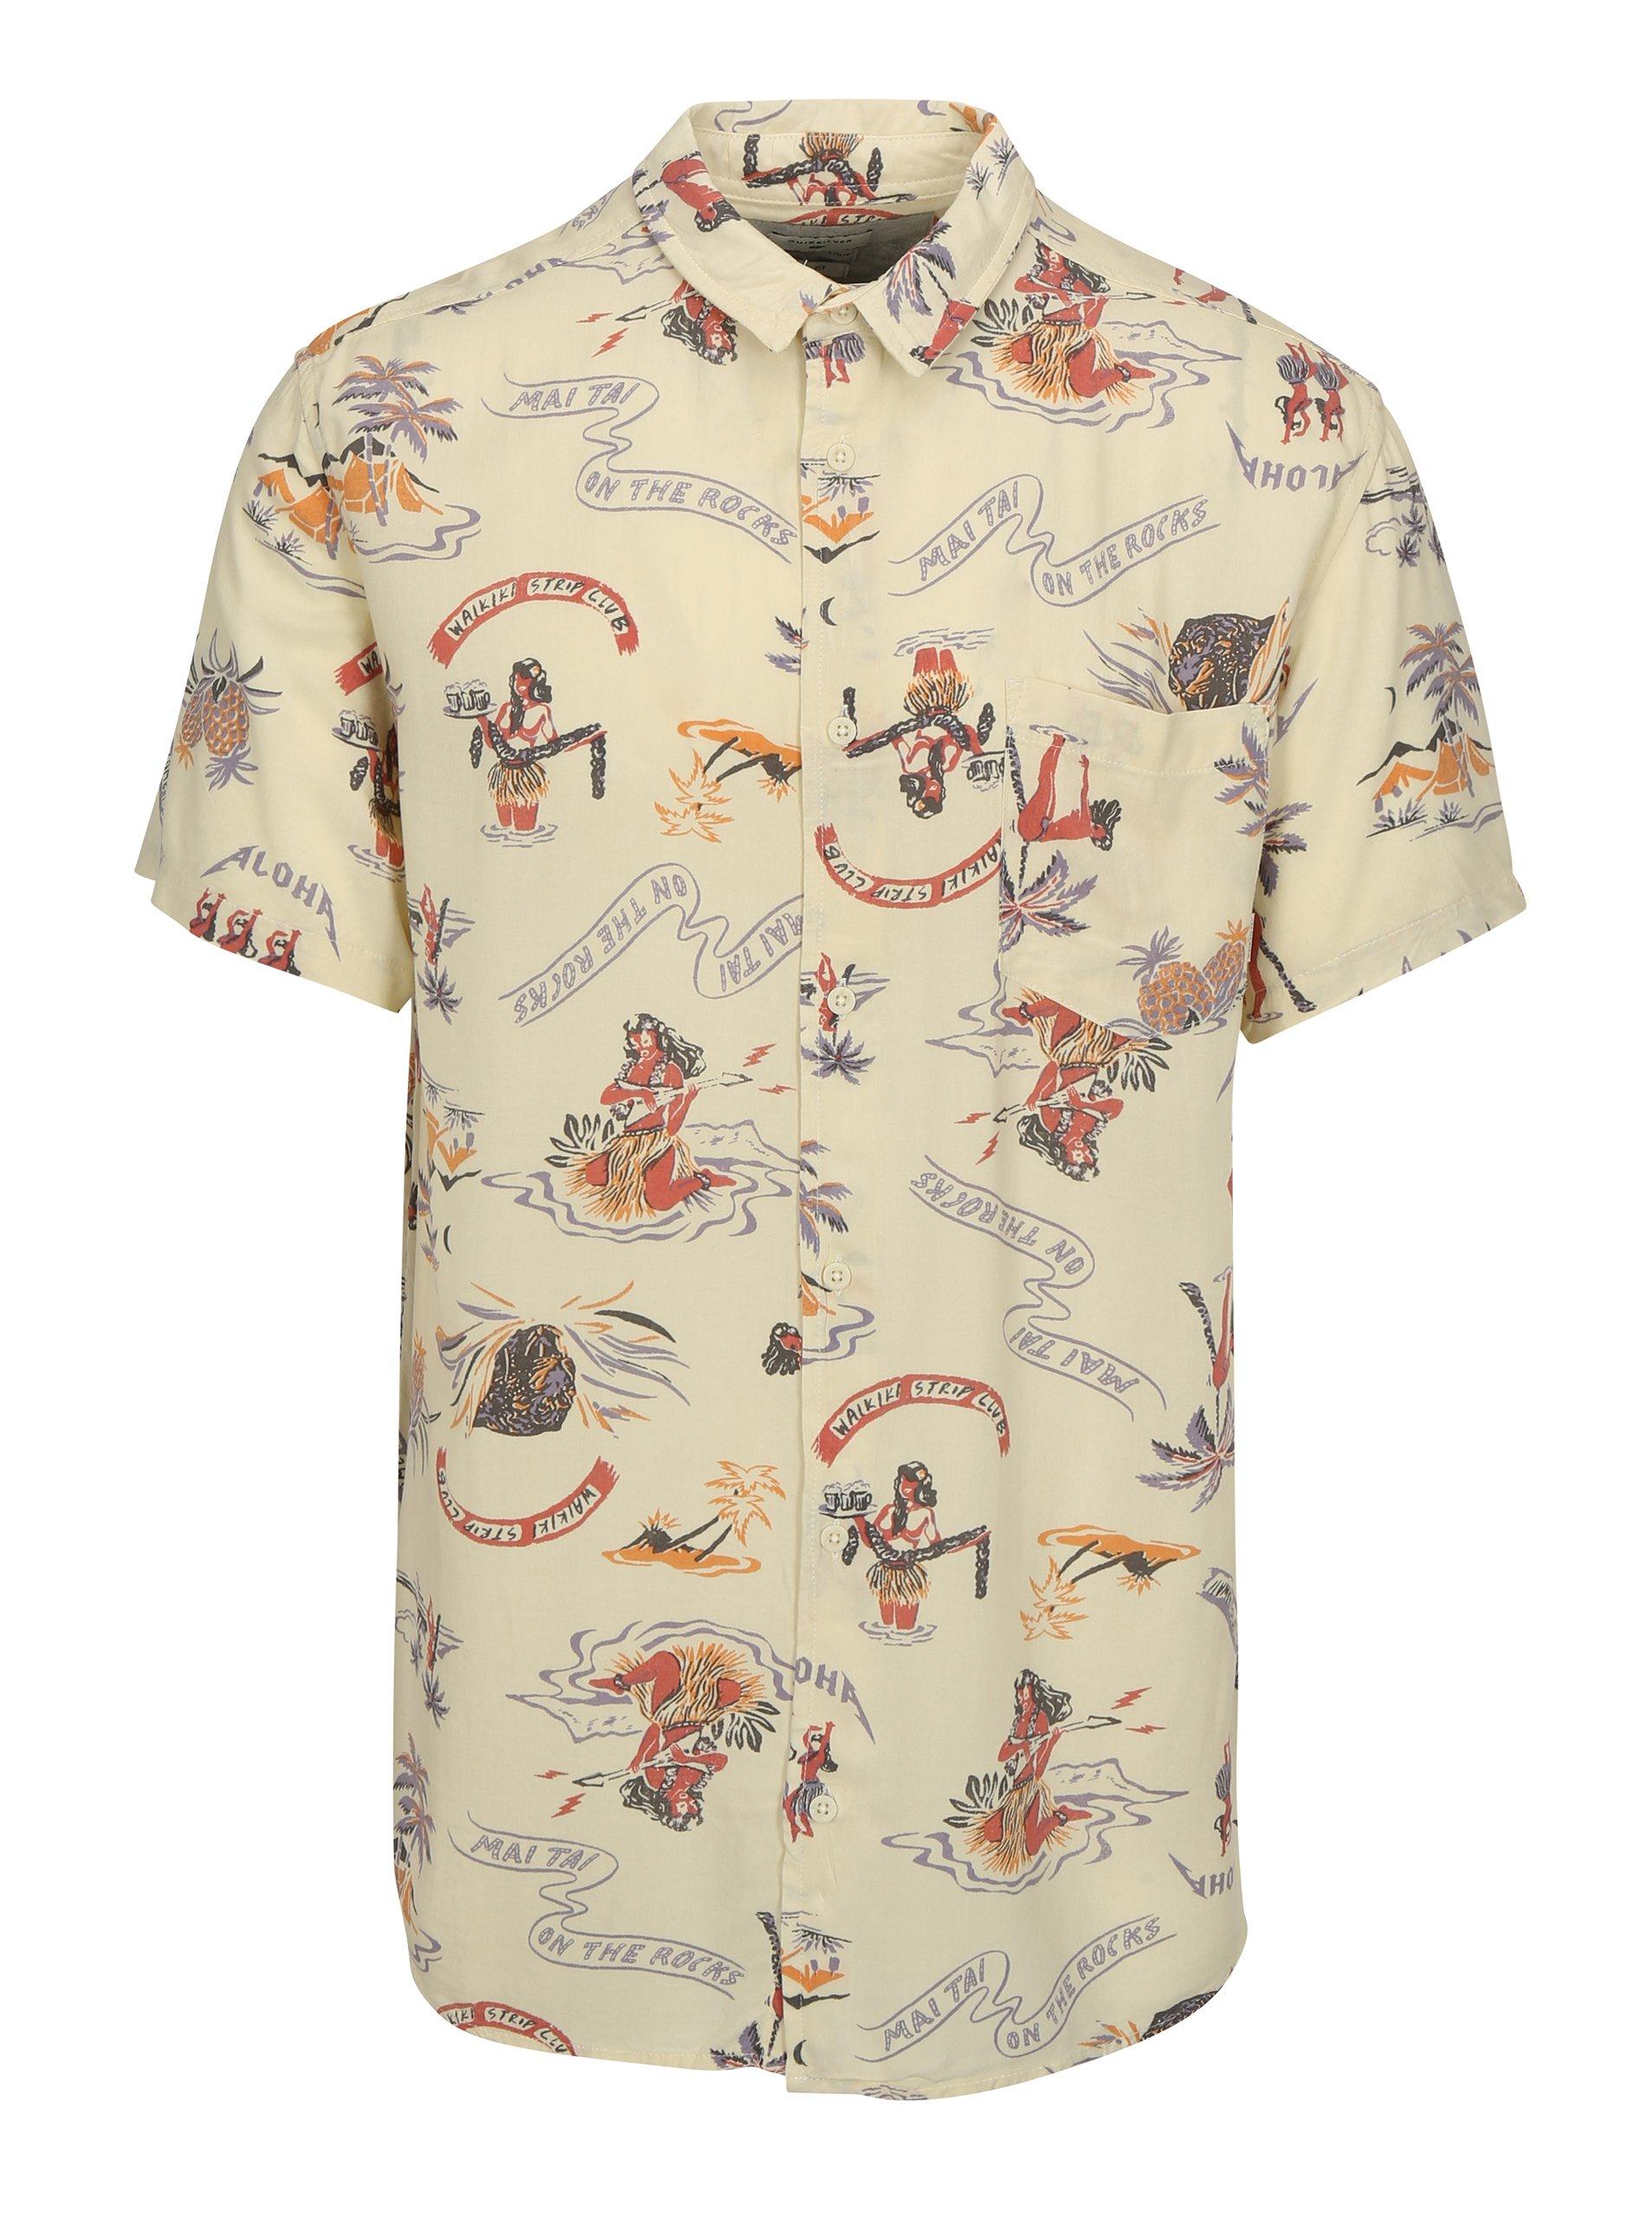 Béžová pánská vzorovaná tall fit košile Quiksilver